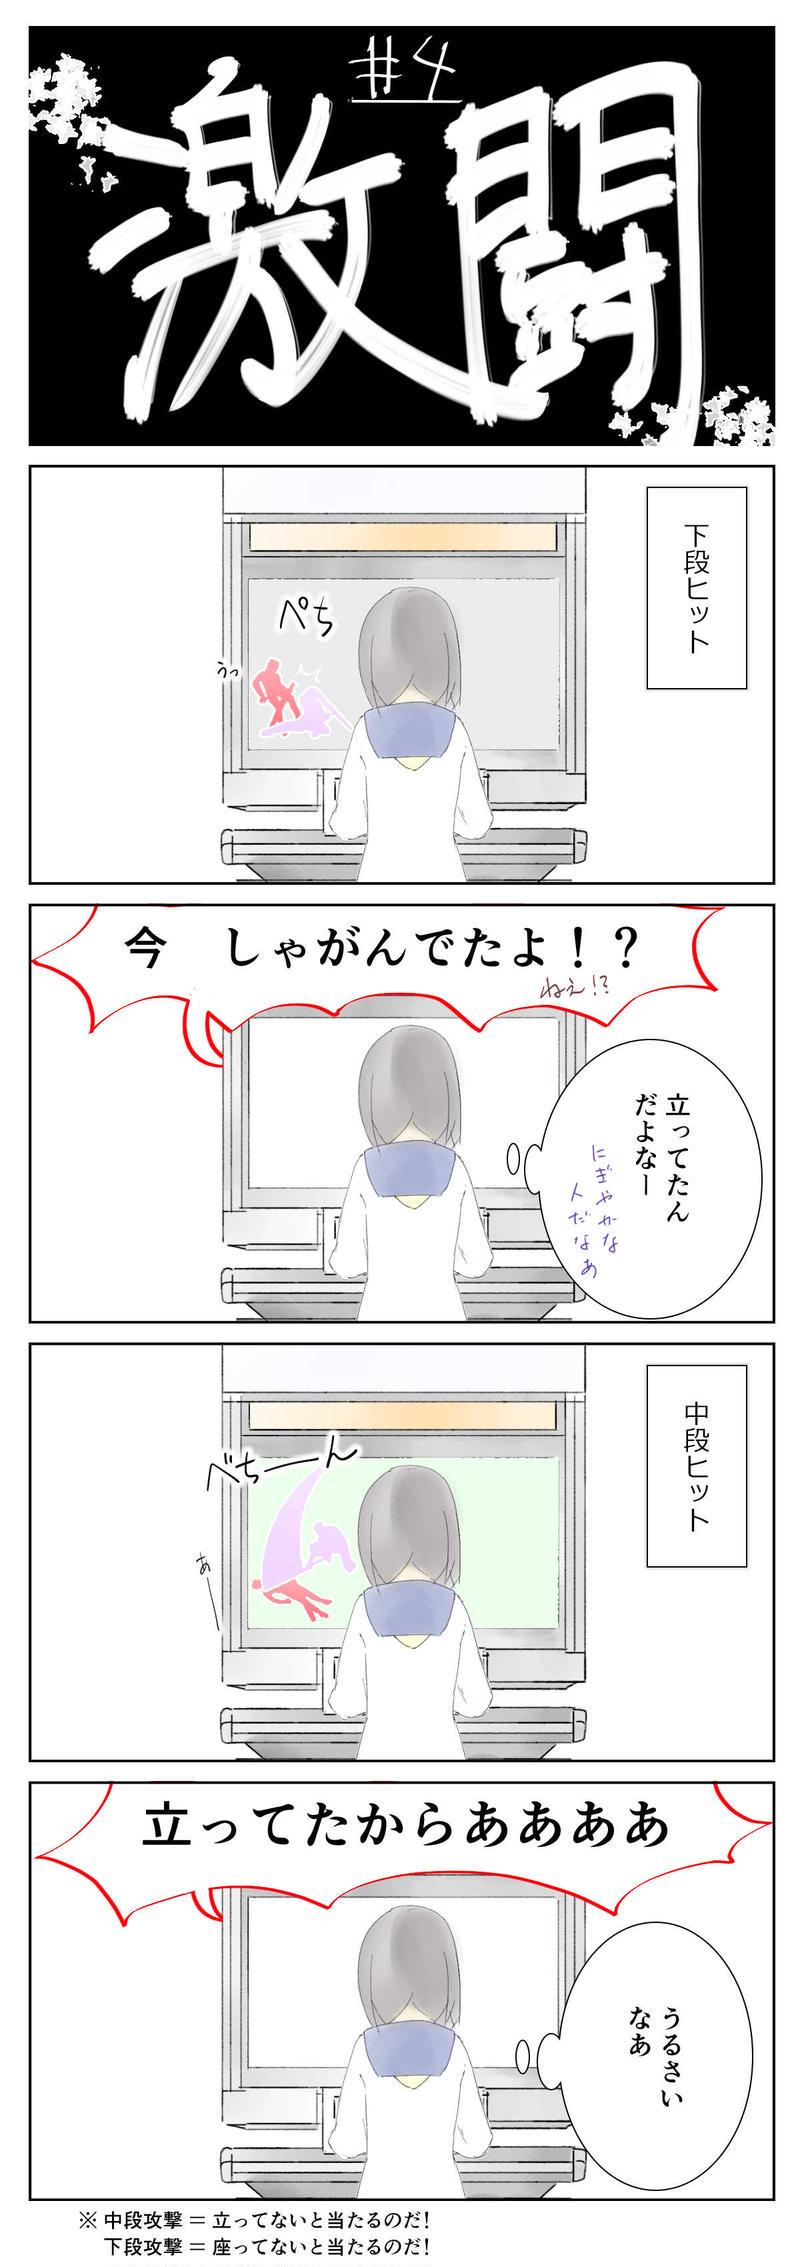 たゆたRom. 4本目「激闘」